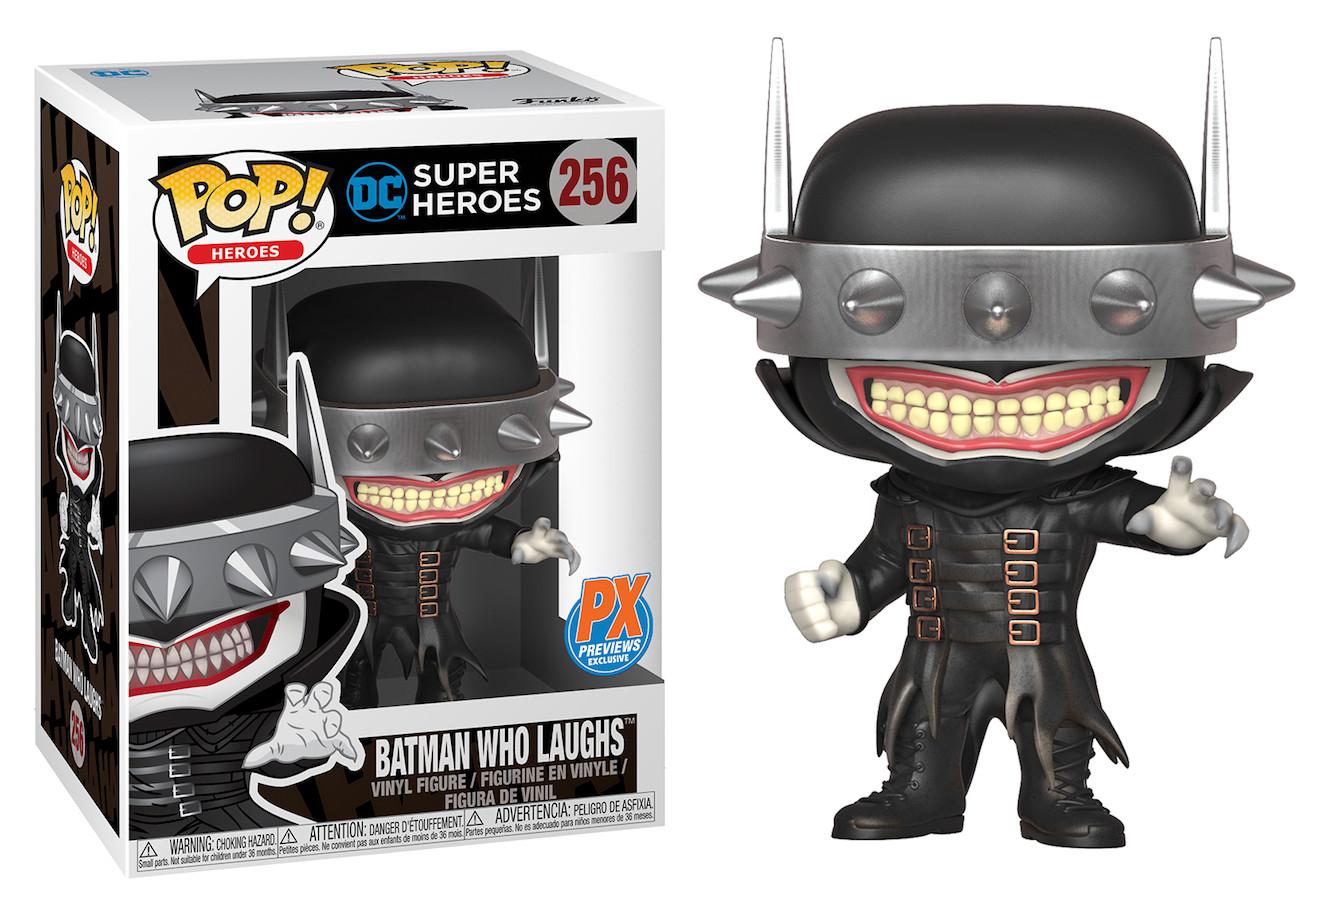 POP DC HEROES BATMAN WHO LAUGHS PX VINYL FIGURE